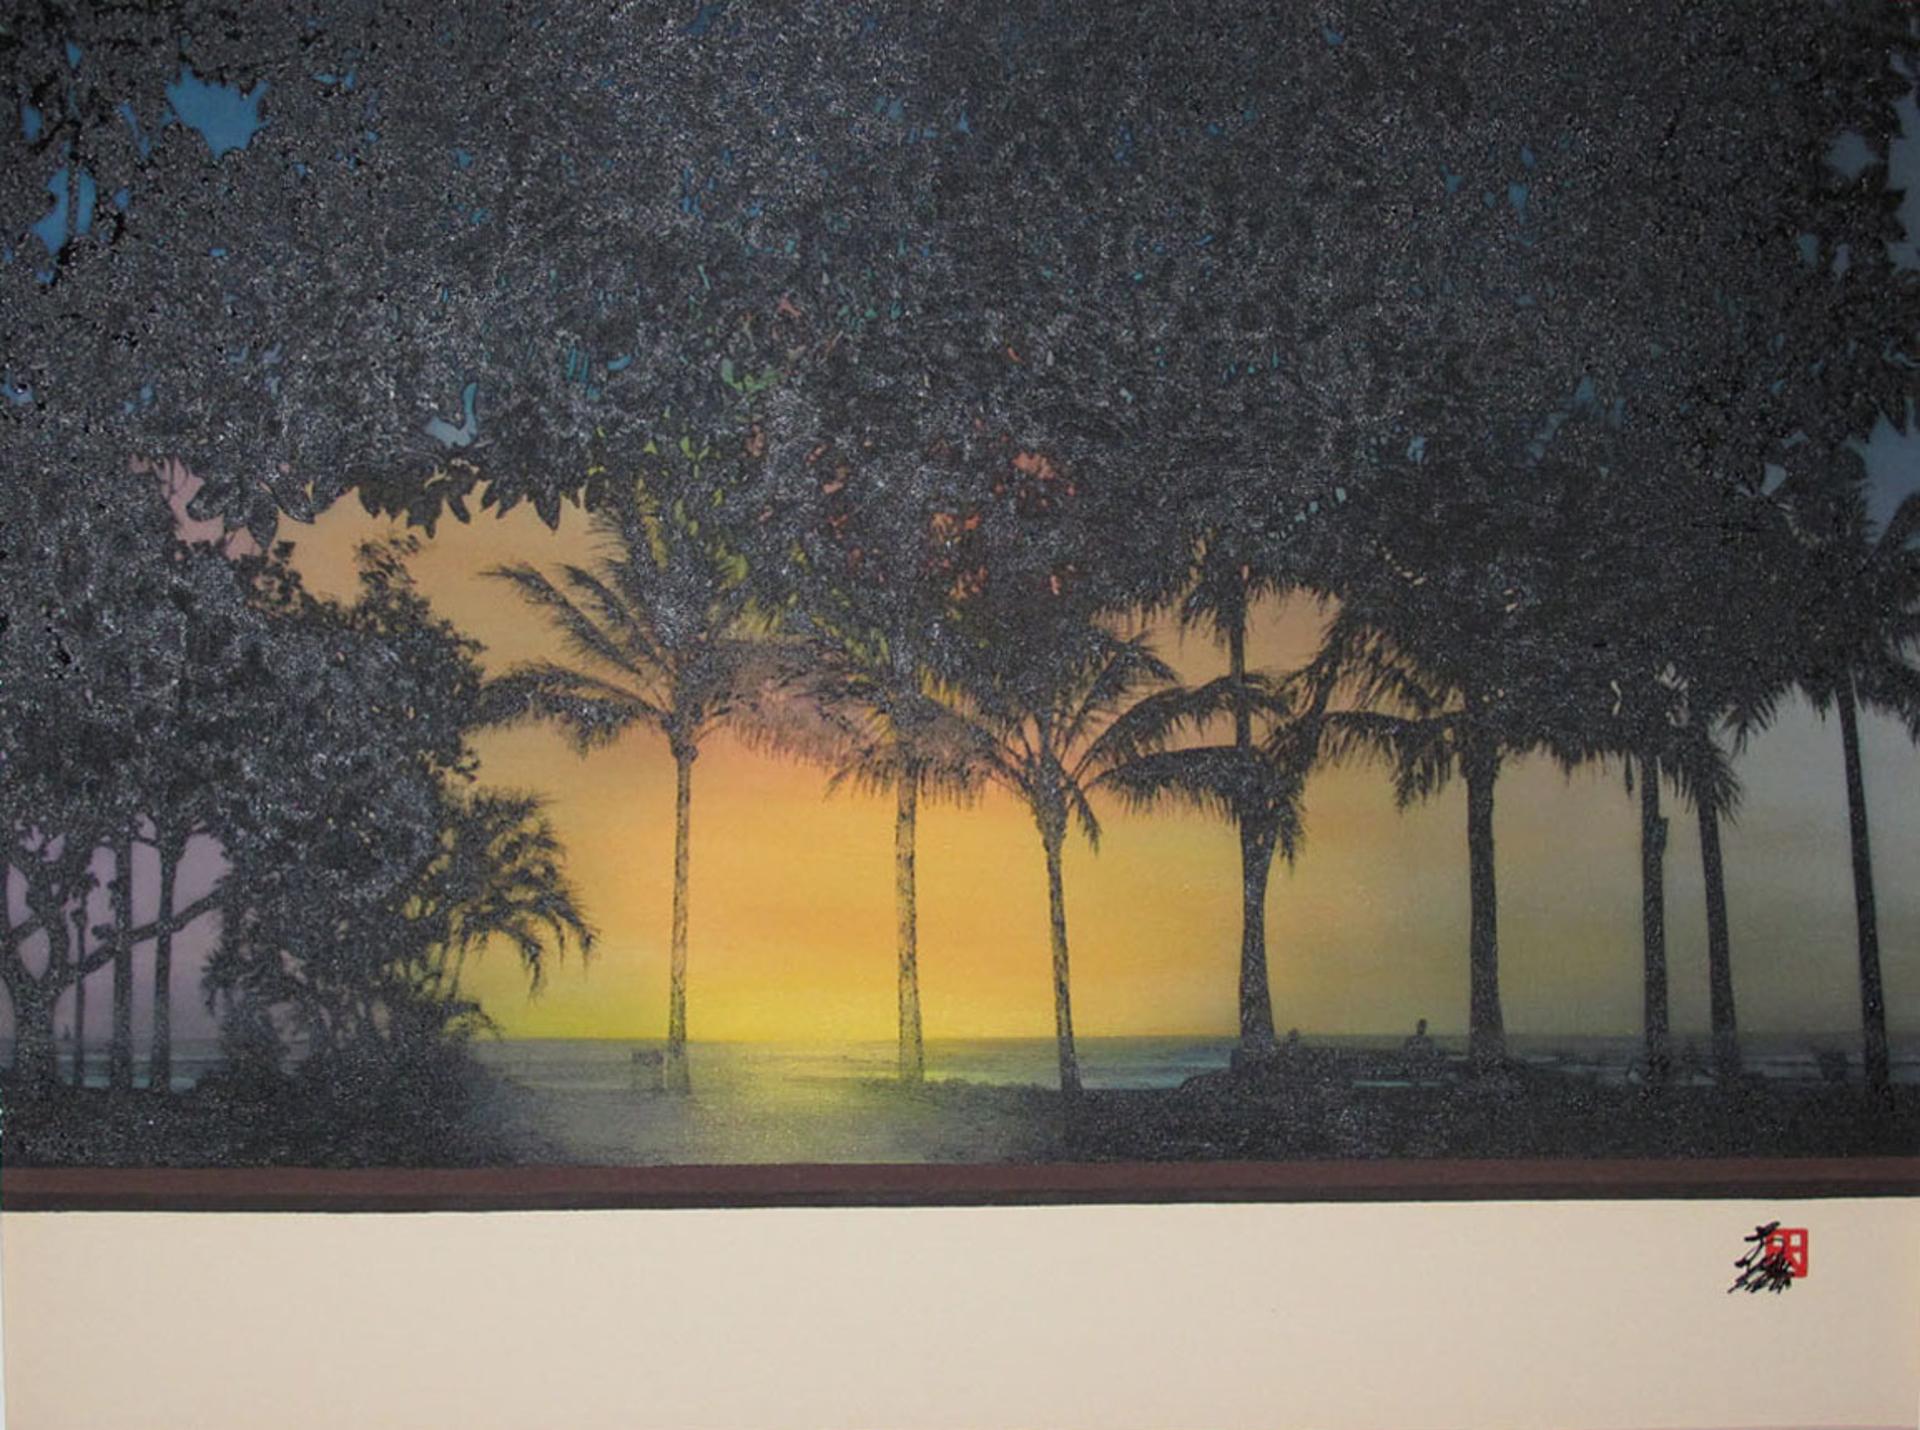 Sunset by Hisashi Otsuka